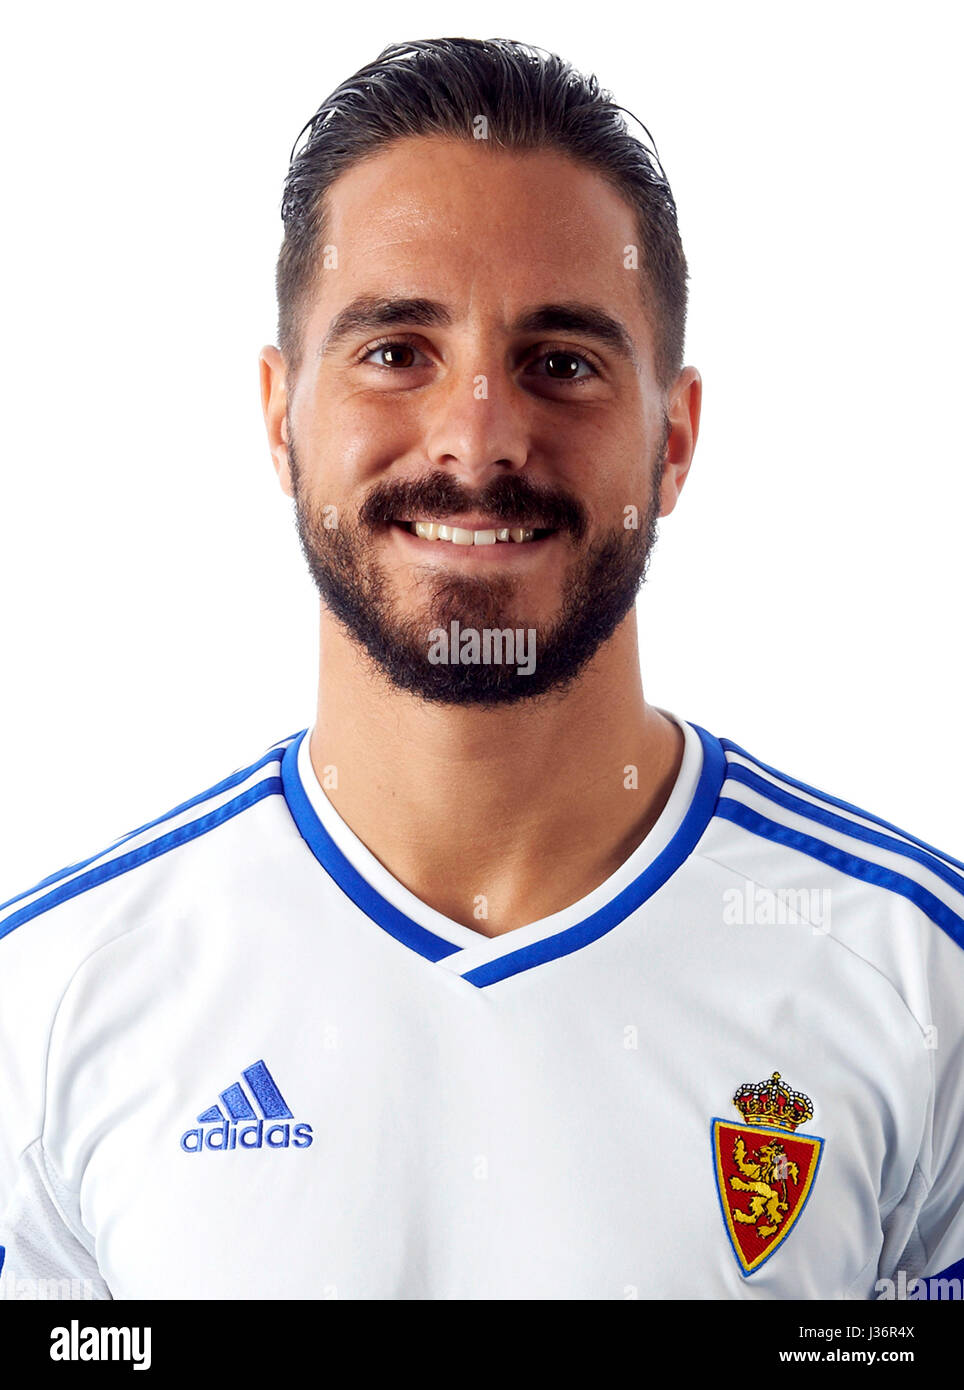 Spain - La Liga B 123 _ 2016-2017 /  ( Real Zaragoza ) -  Javier Ros Anon ' Javi Ros ' - Stock Image